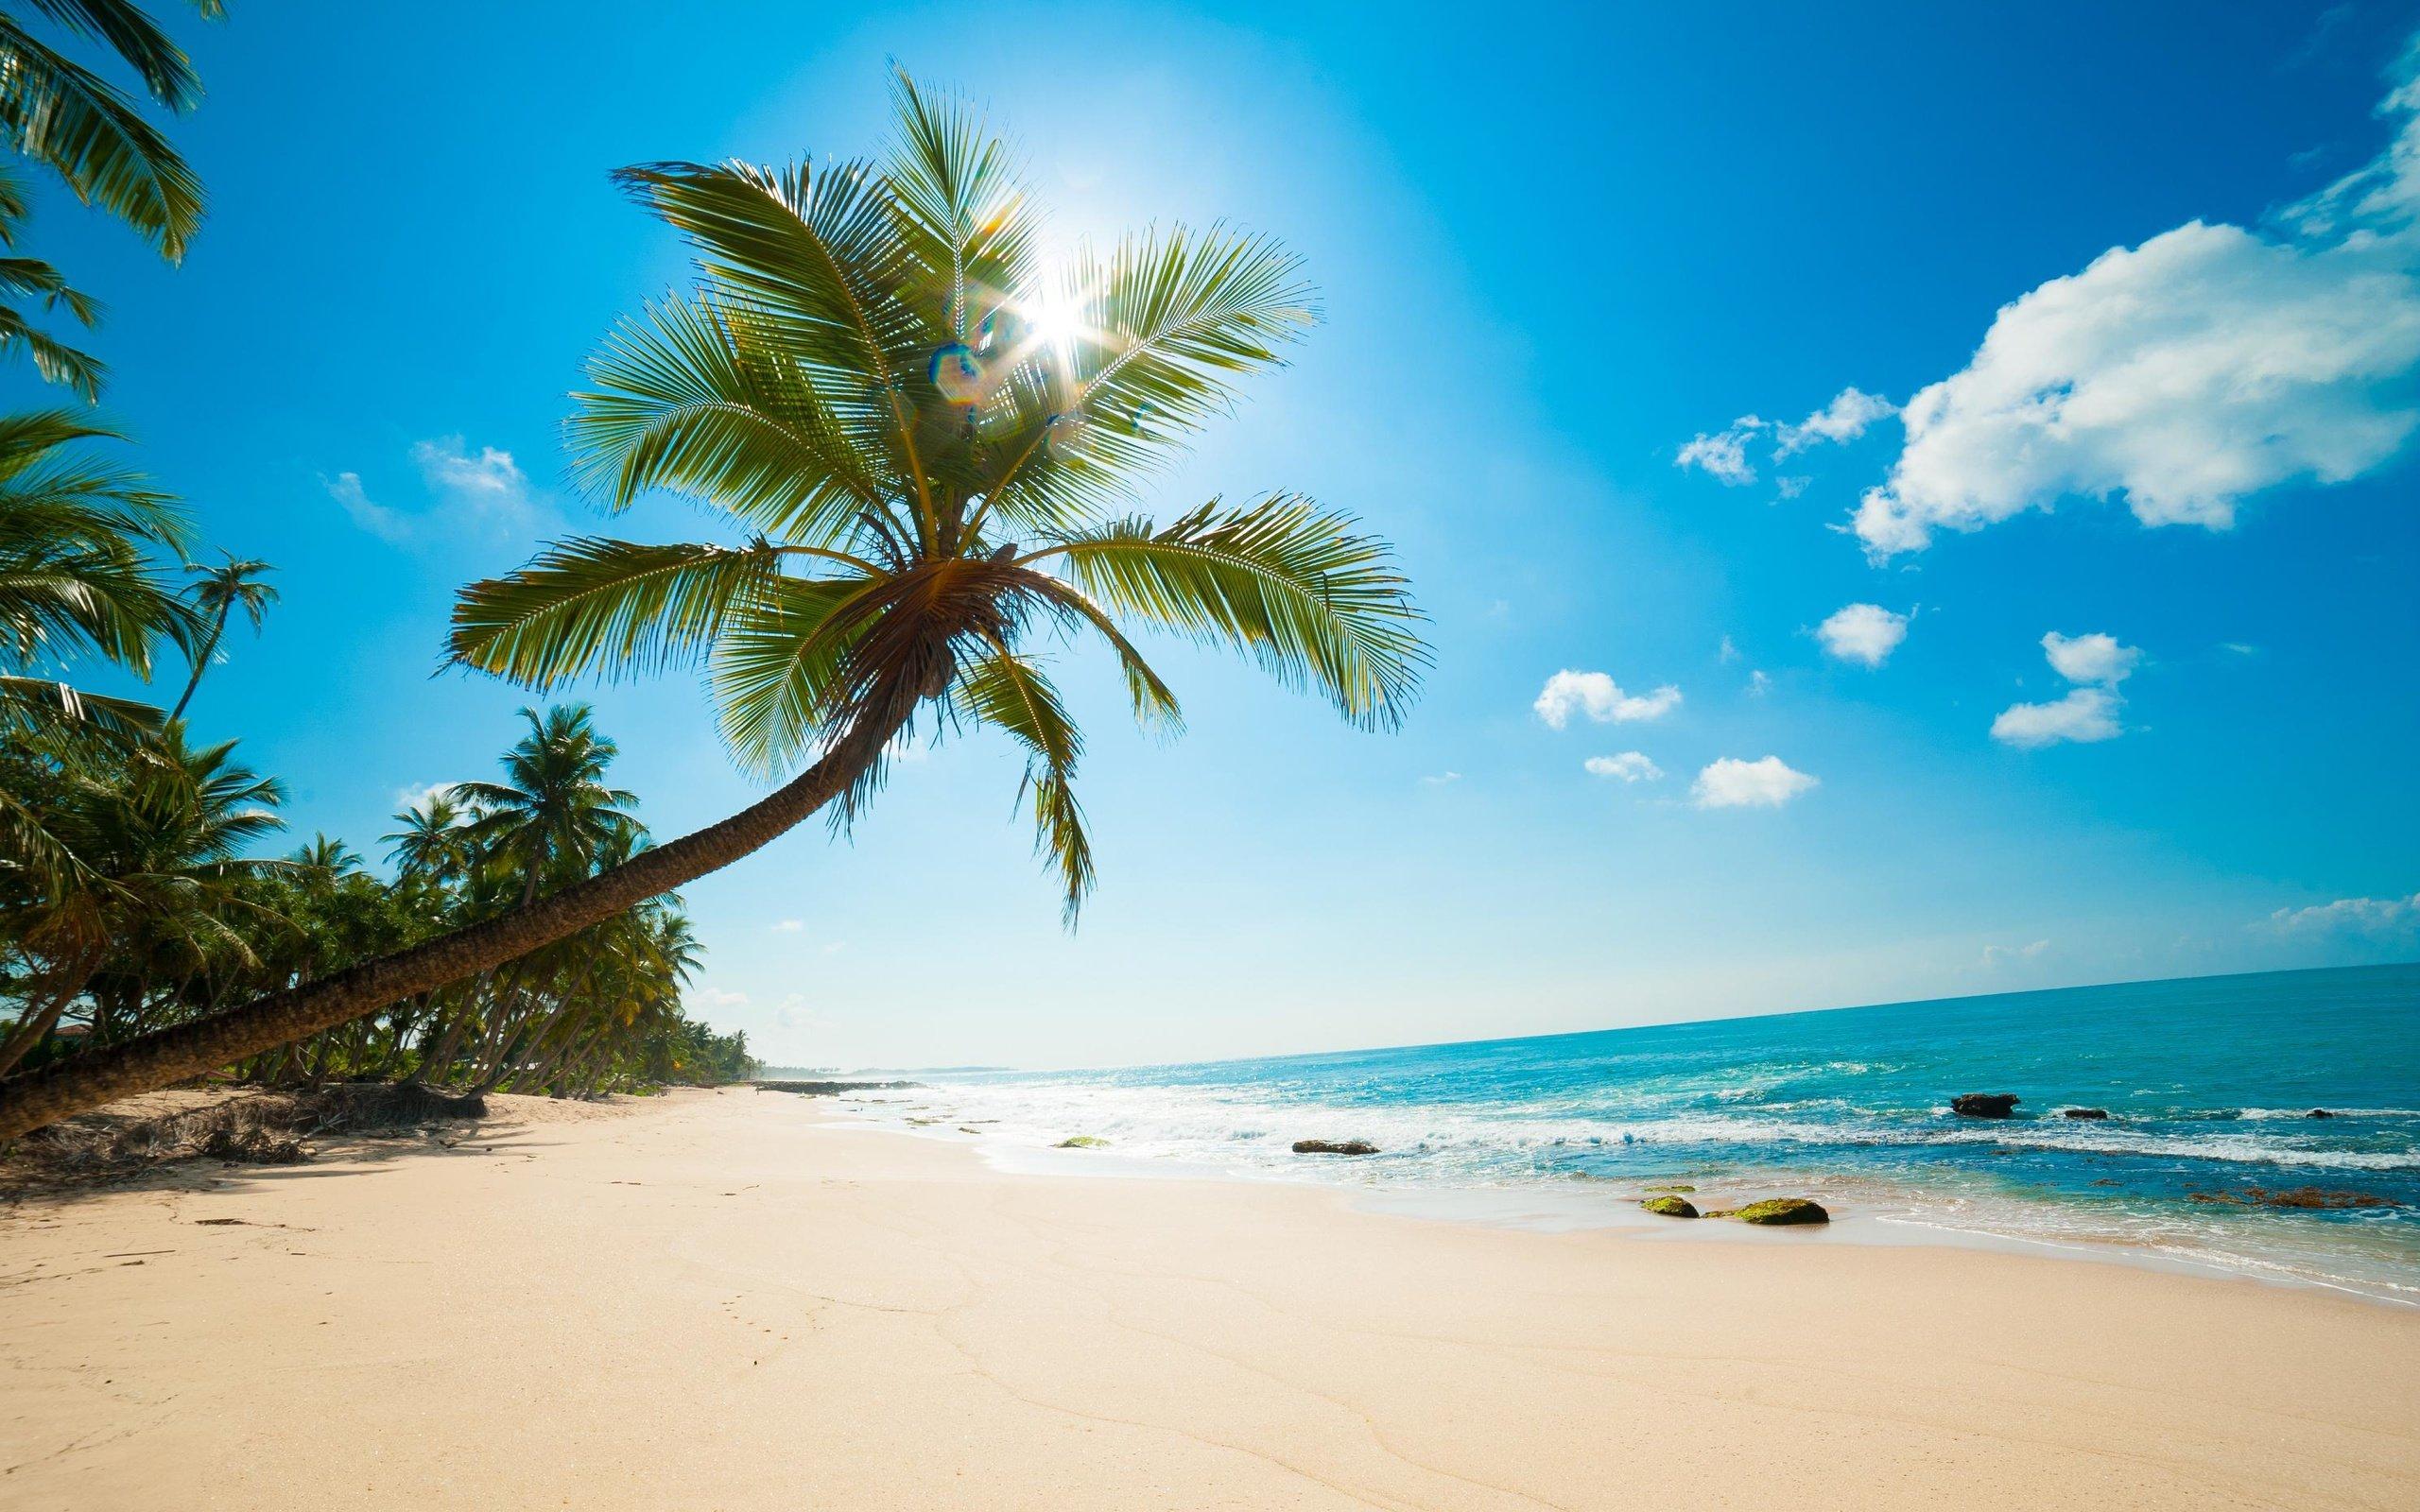 Солнце пальмы картинки